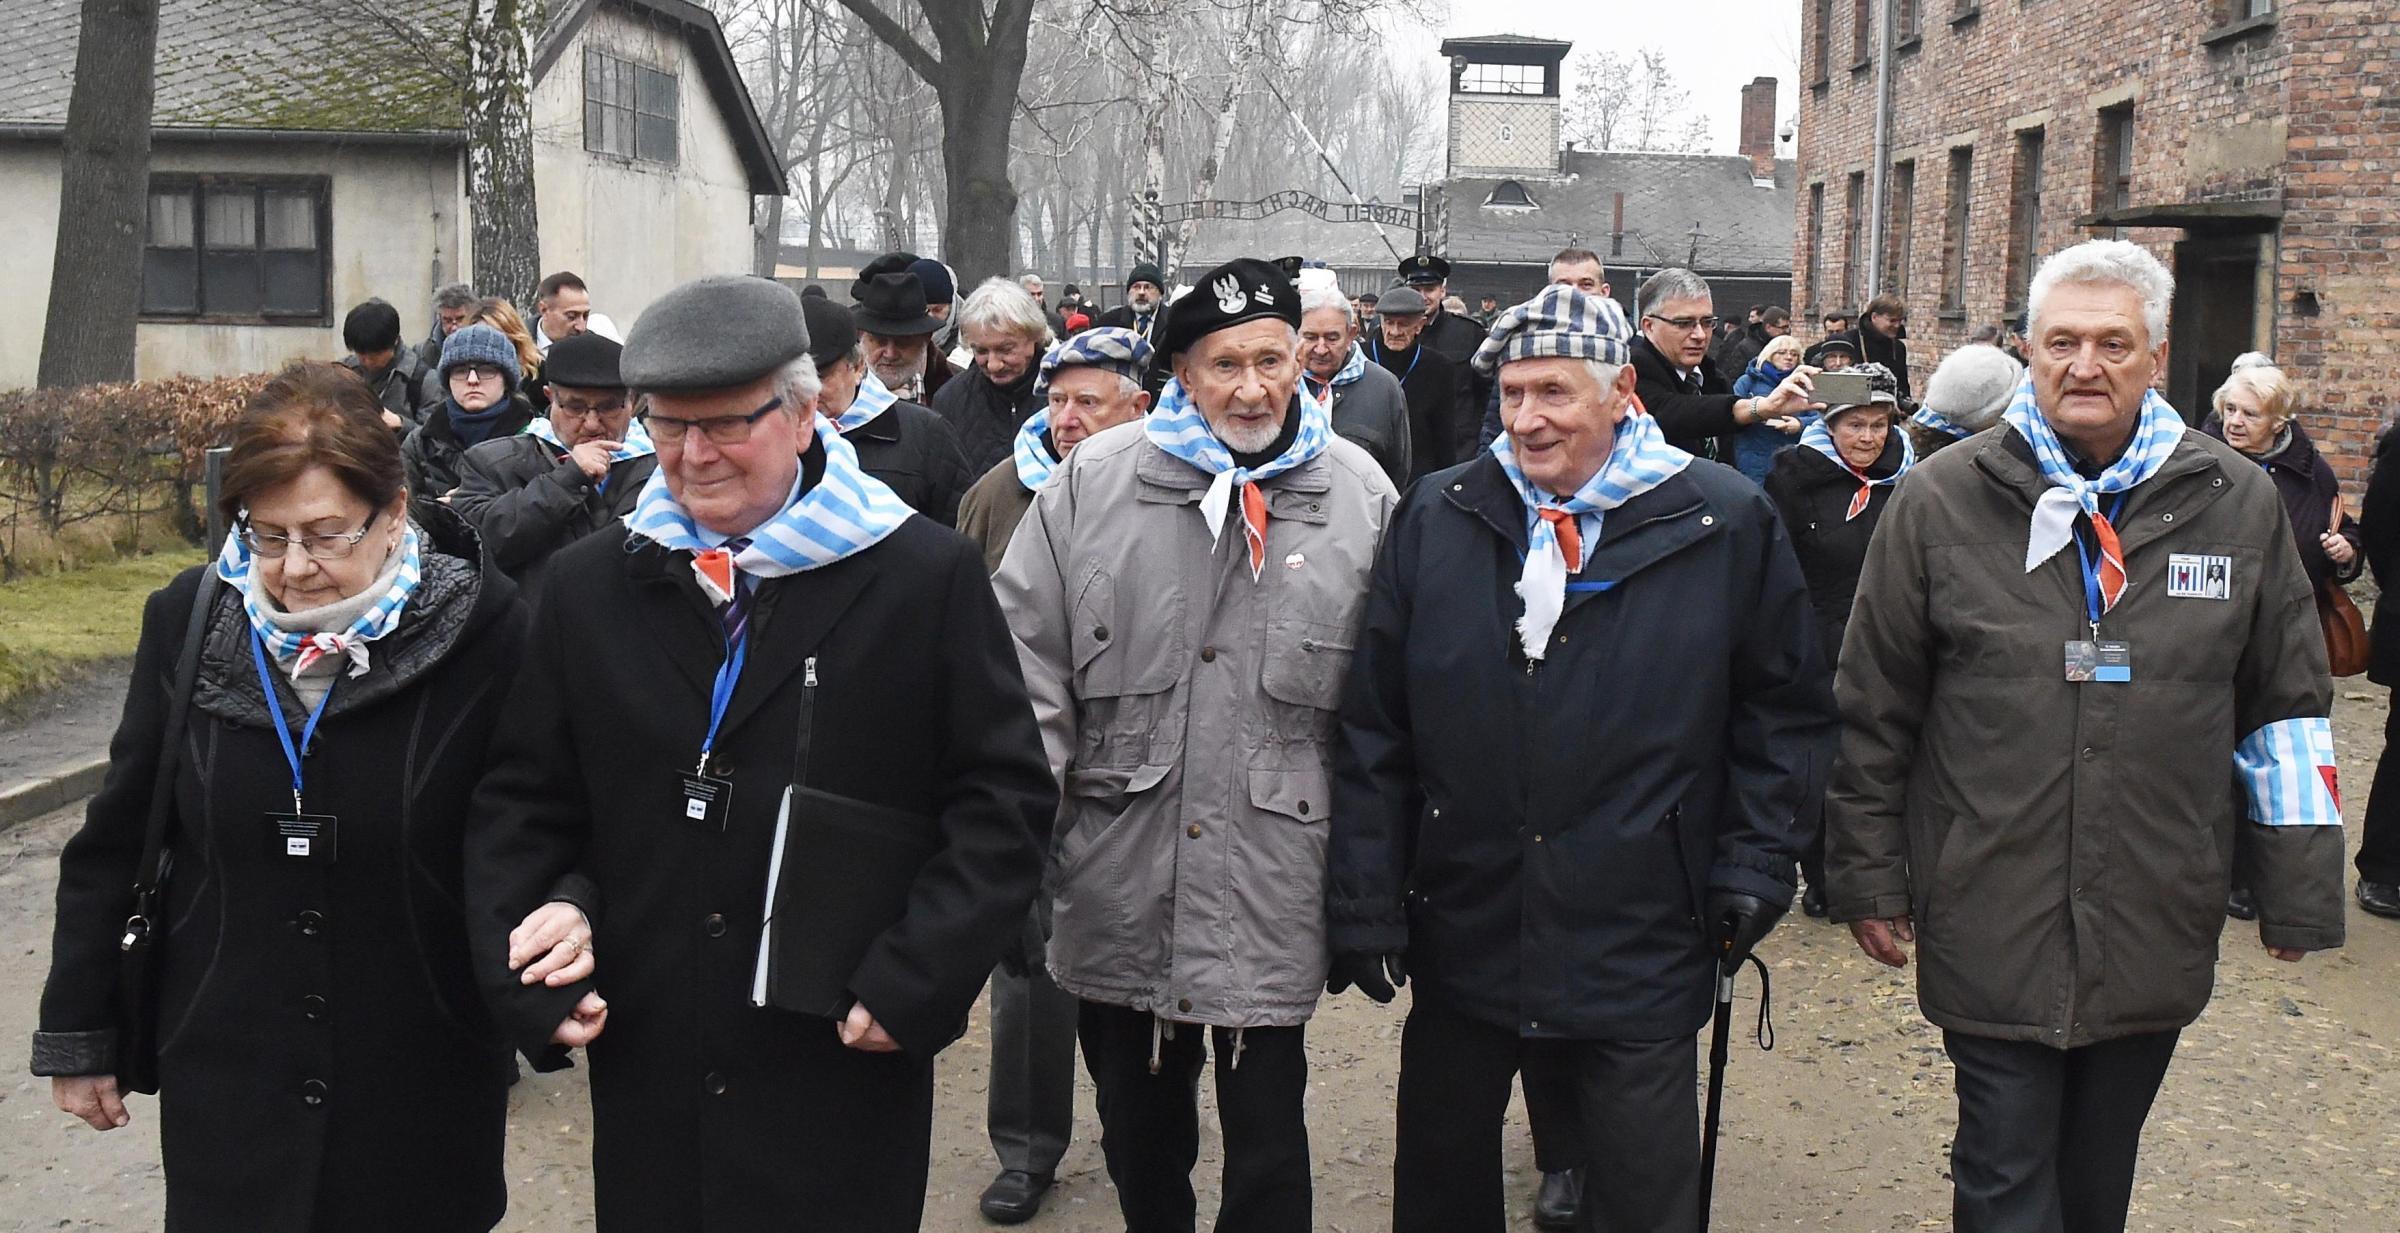 27.01.2018 | Obchody 73. rocznicy wyzwolenia Auschwitz. Rex Tillerson: przenigdy nie możemy być bierni wobec zła!